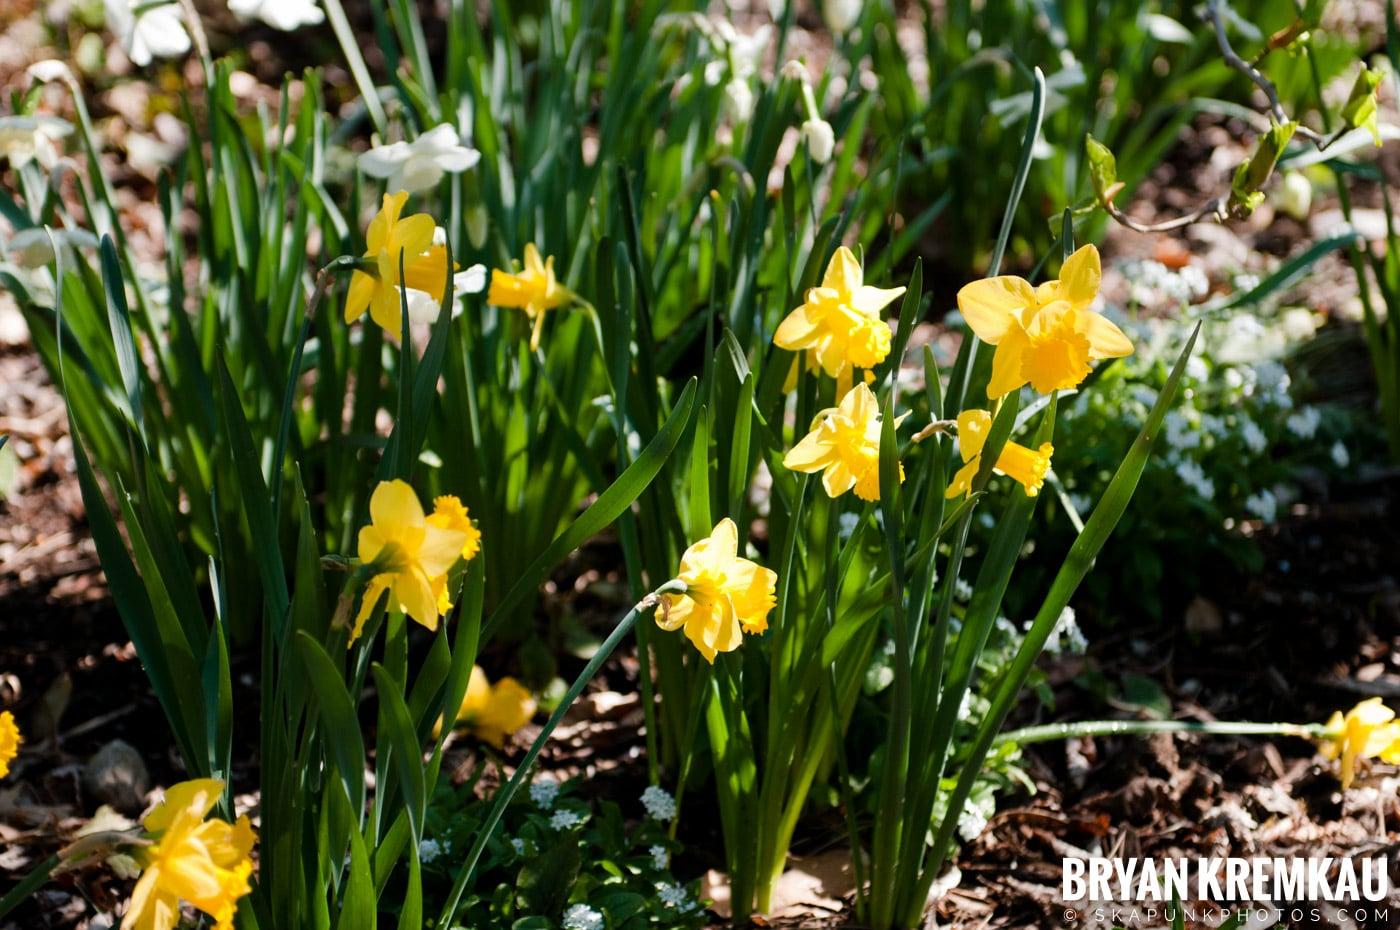 Brooklyn Botanic Garden & Prospect Park Zoo @ Brooklyn, NY - 4.6.12 (87)